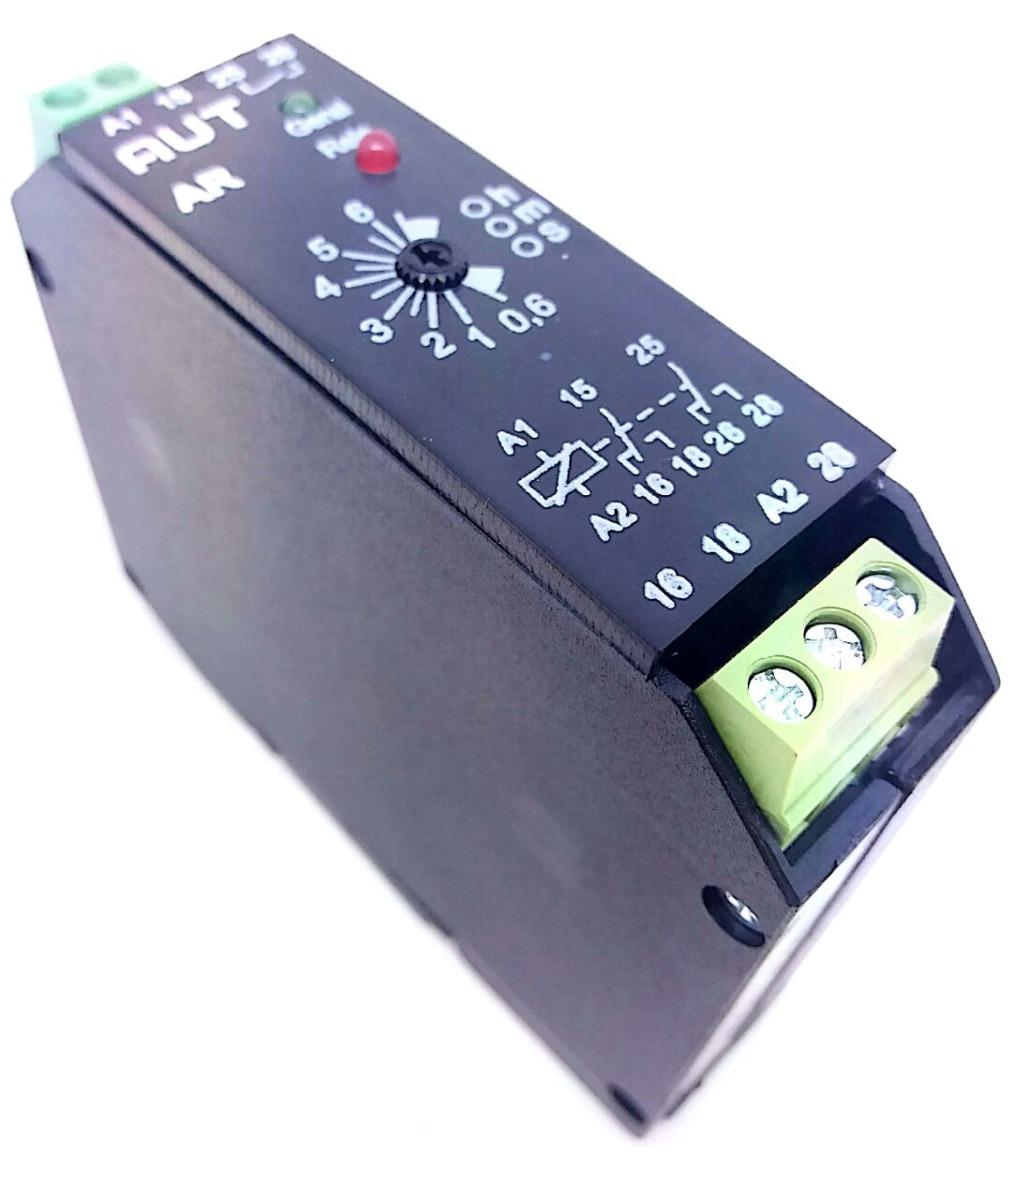 6d9c2f89d56 Relé Temporizador Retardo Eletrônico E 3 Horas 110 Vac Autc - R  55 ...